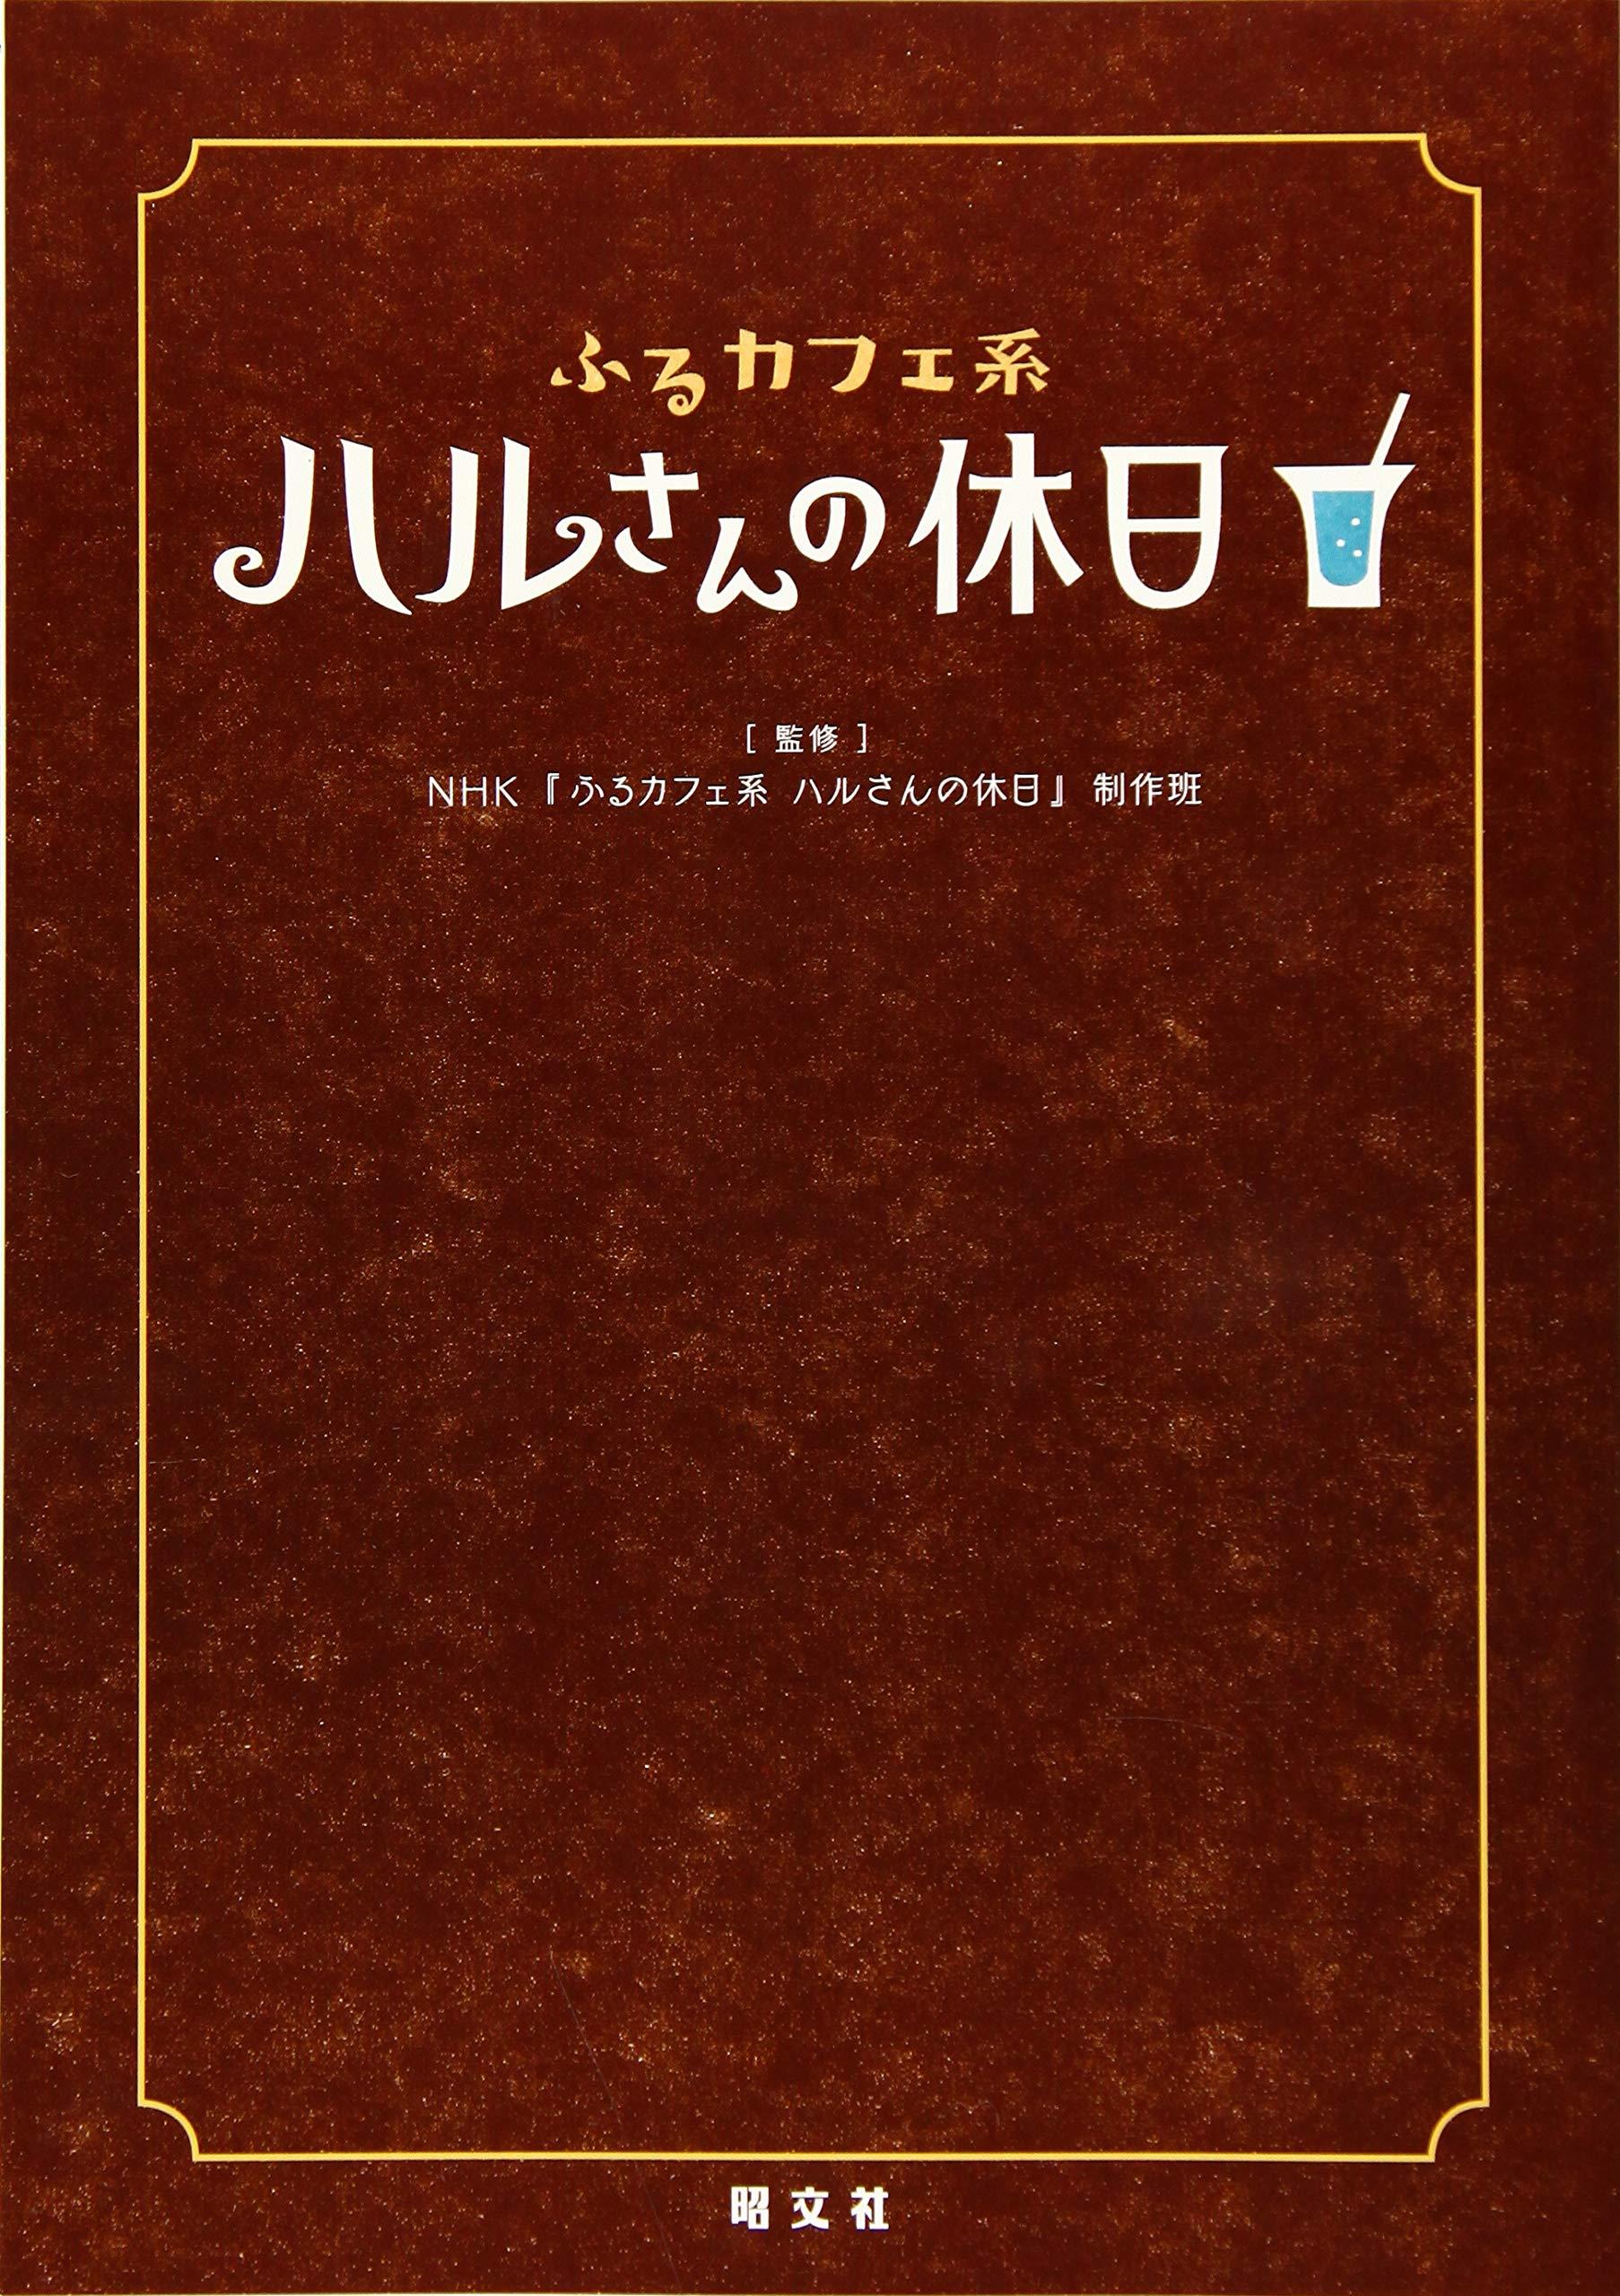 ブログ ふる ハル 休日 カフェ さん の 系